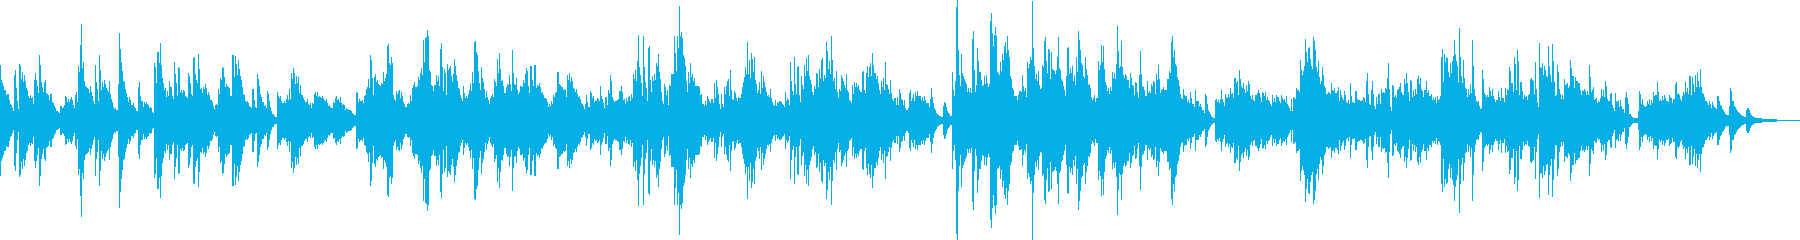 別れ(ピアノソロ・切ない・悲しい・感謝)の再生済みの波形